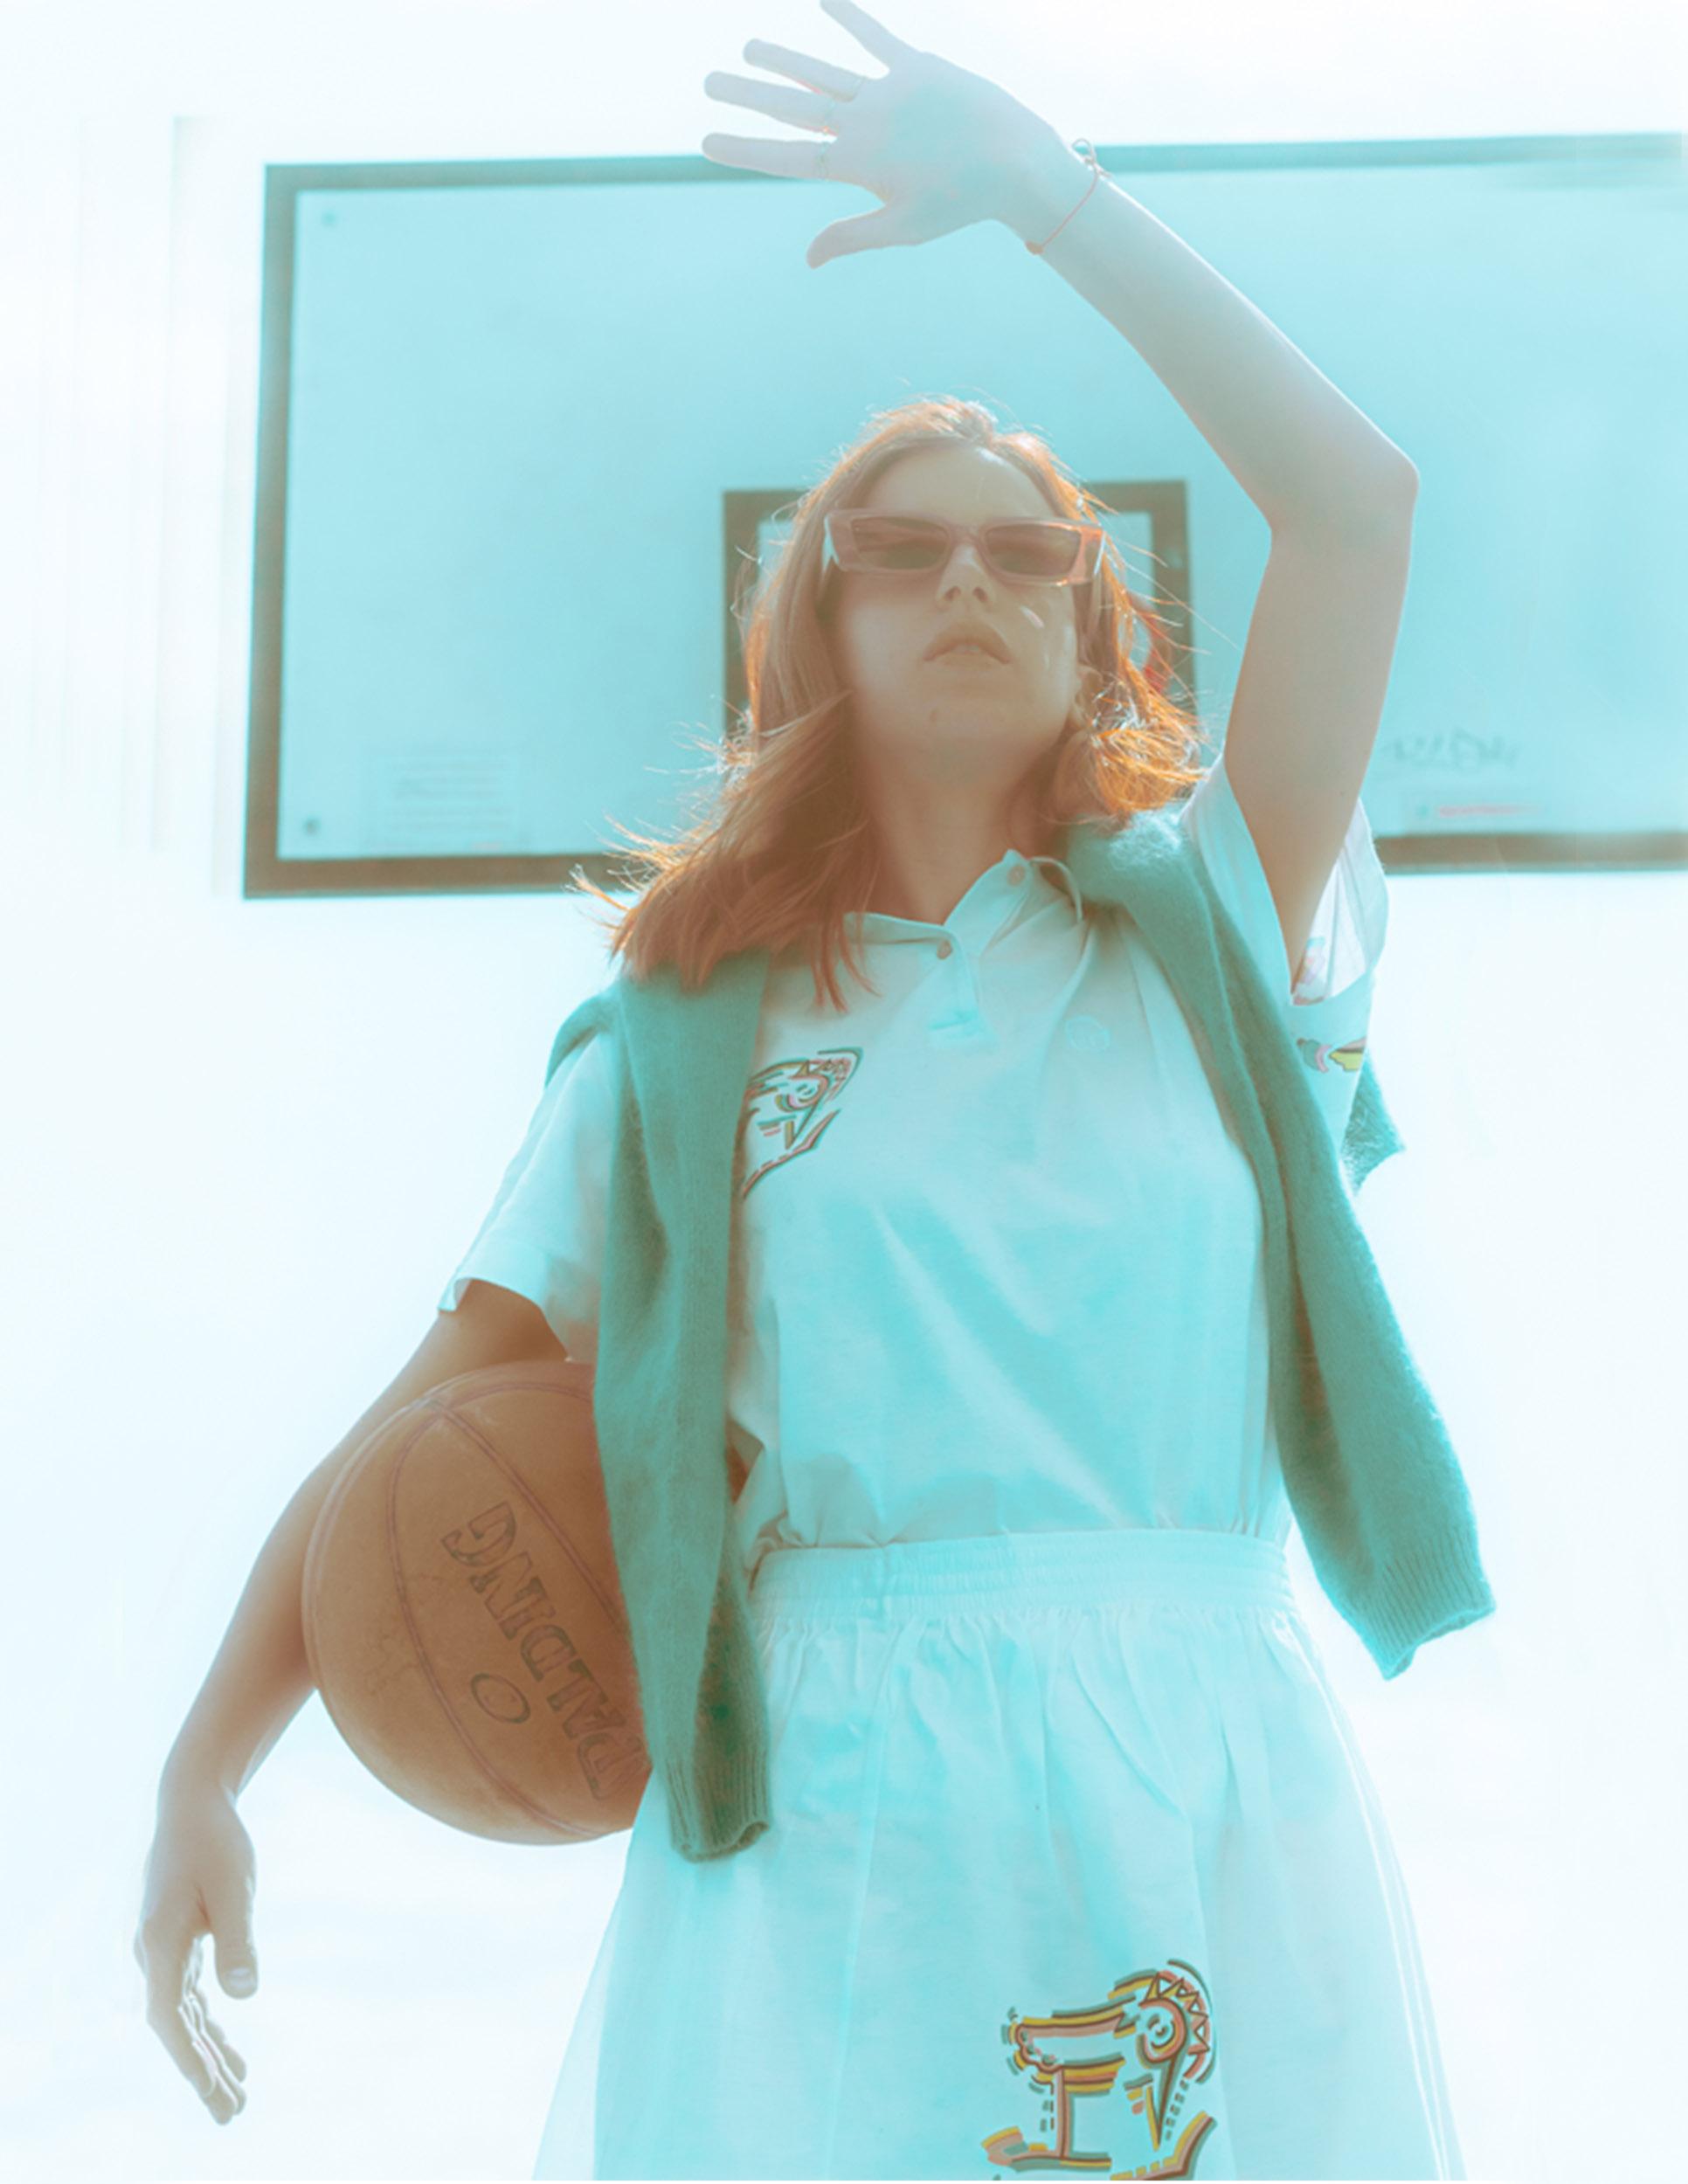 Categorie: Portrait, Glamour, Fashion - Ph. ANTEA FERRARI, Model: ALICE BELLINI - Location: Arcore, MB, Italia